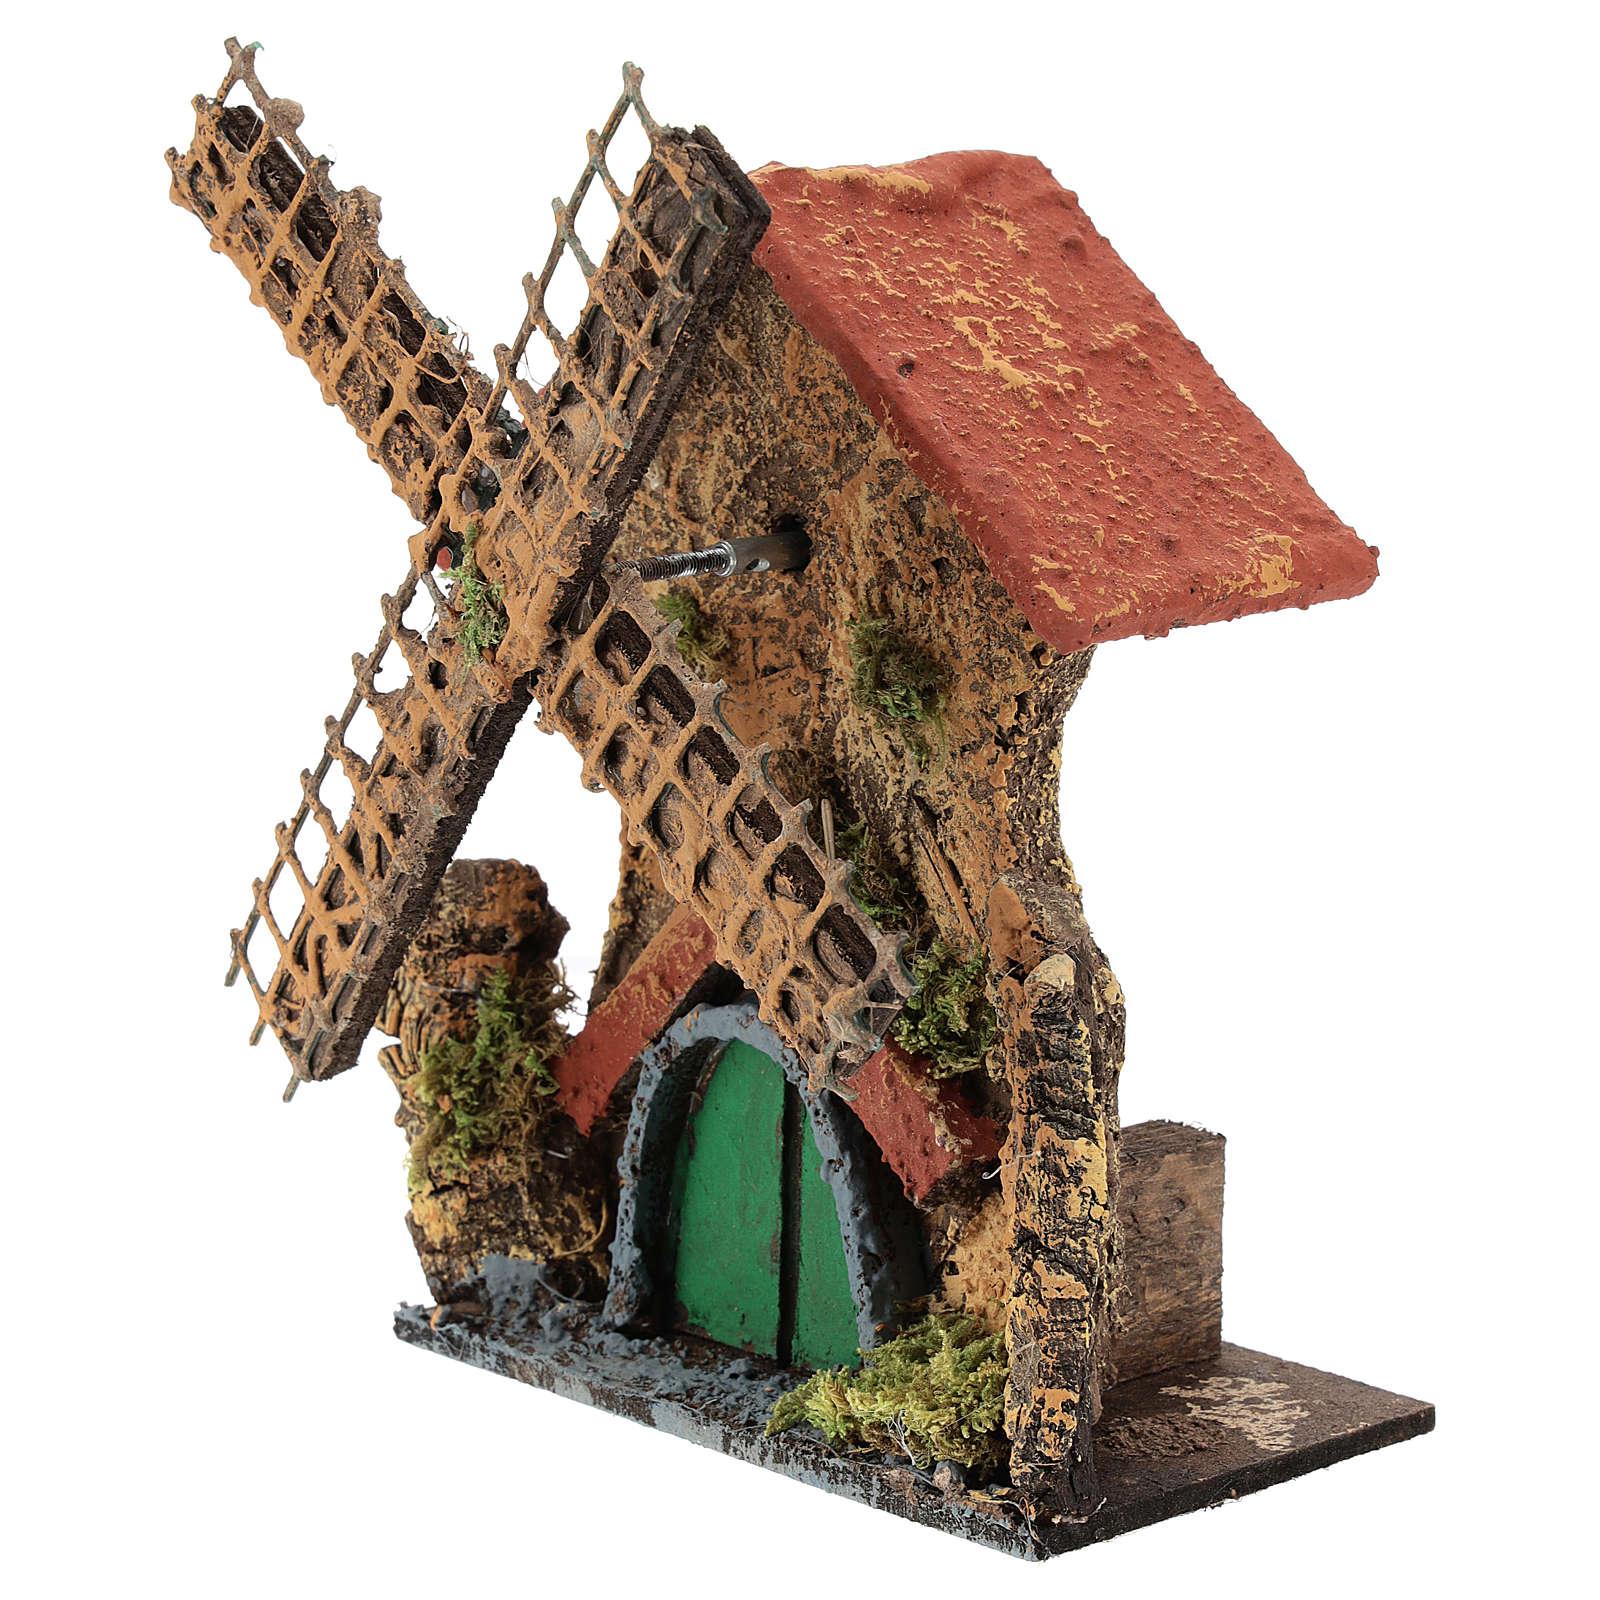 Moulin avec mouvement 15x10x5 cm crèche napolitaine 6-8 cm 4